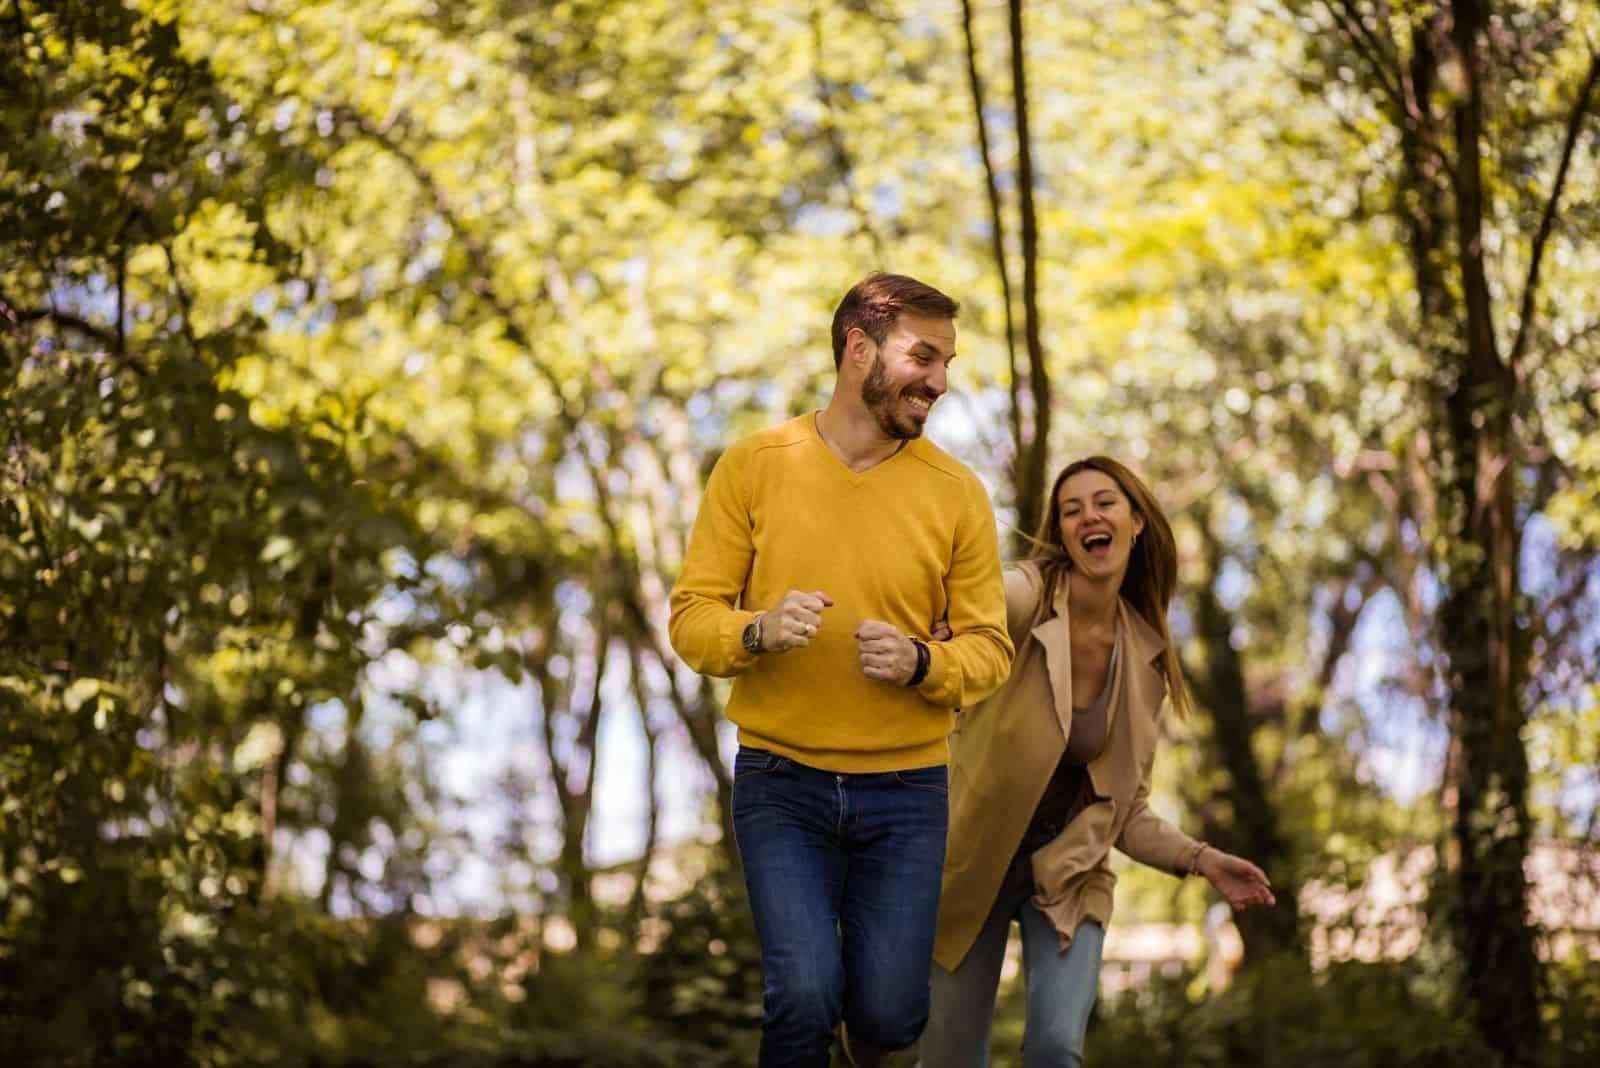 Paar spielt in der Natur mit der Frau, die auf den Mann tippt